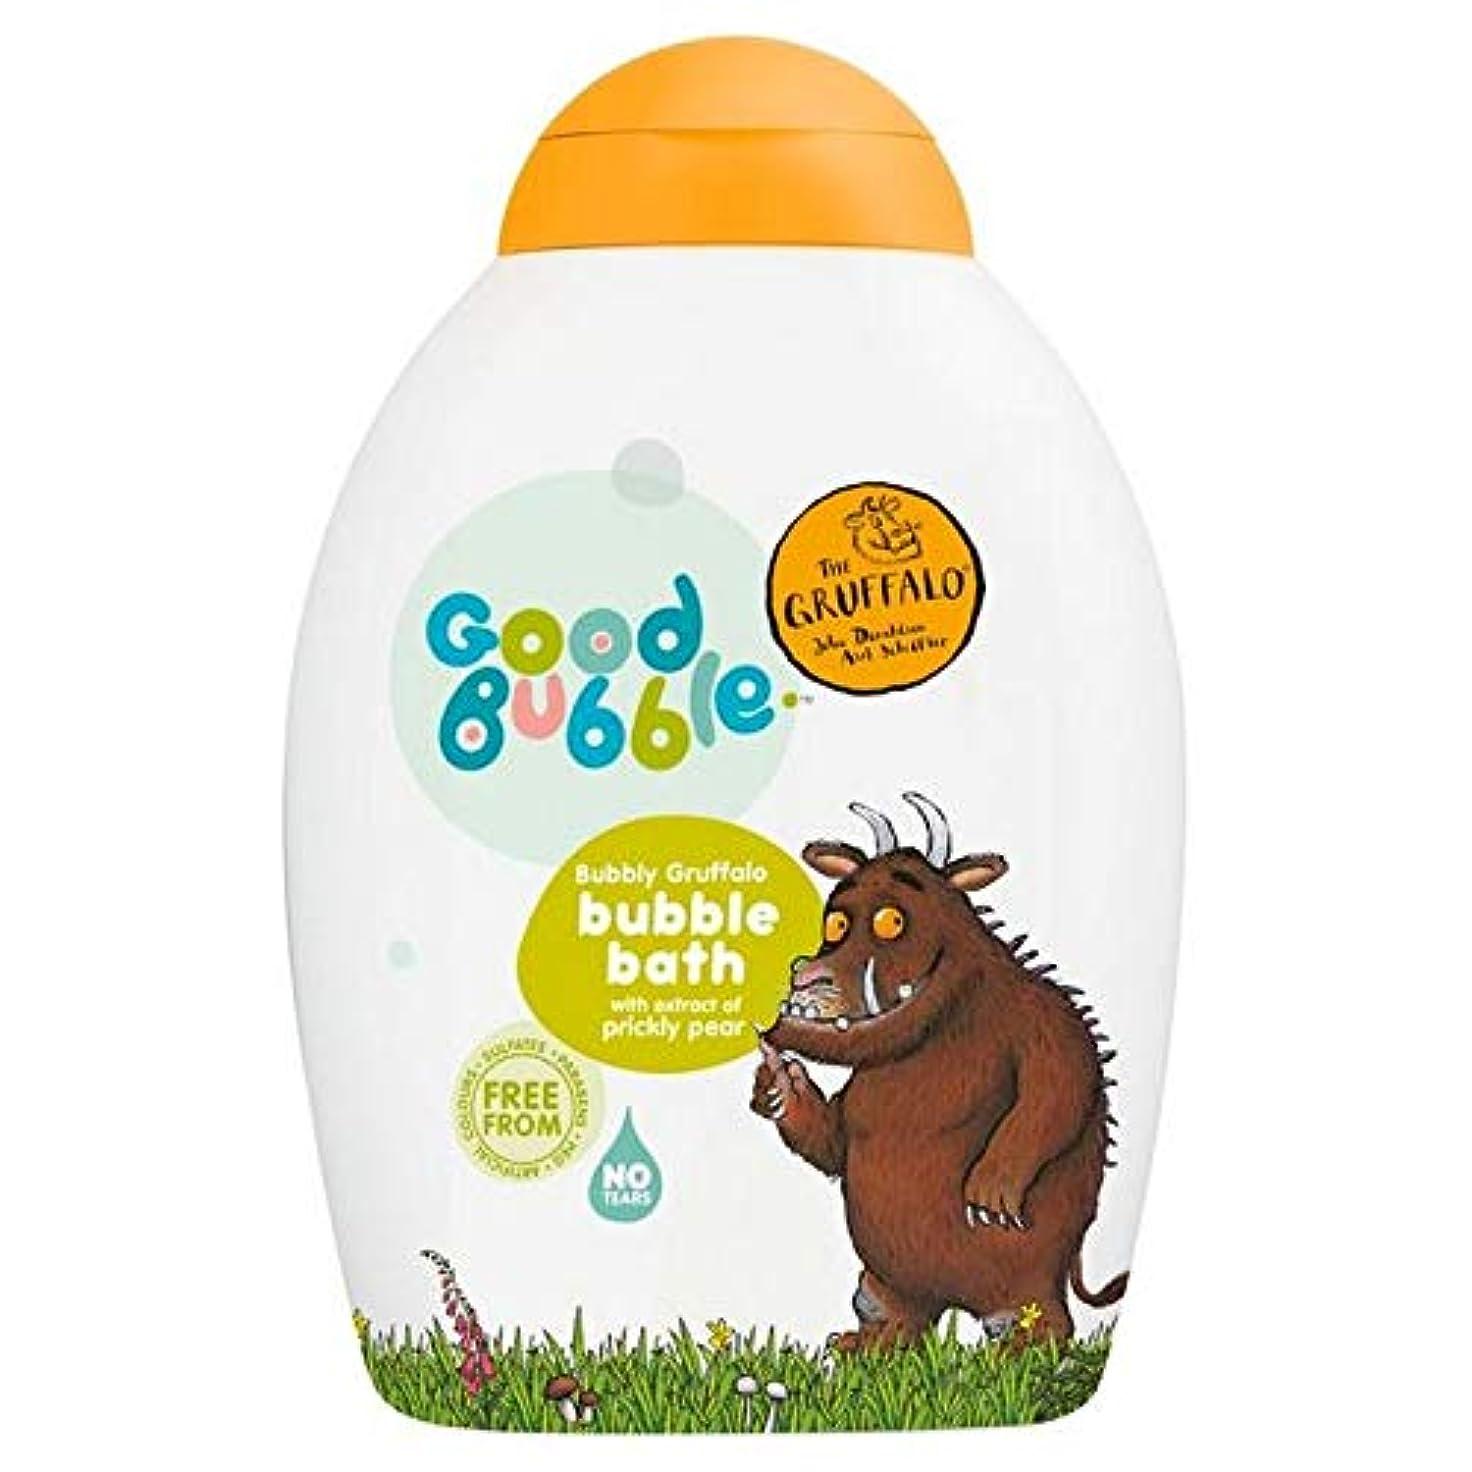 共和党リーダーシップ抜け目がない[Good Bubble ] ウチワサボテンエキス400ミリリットルとの良好なバブル快活Gruffaloの泡風呂 - Good Bubble Bubbly Gruffalo Bubble Bath with Prickly...